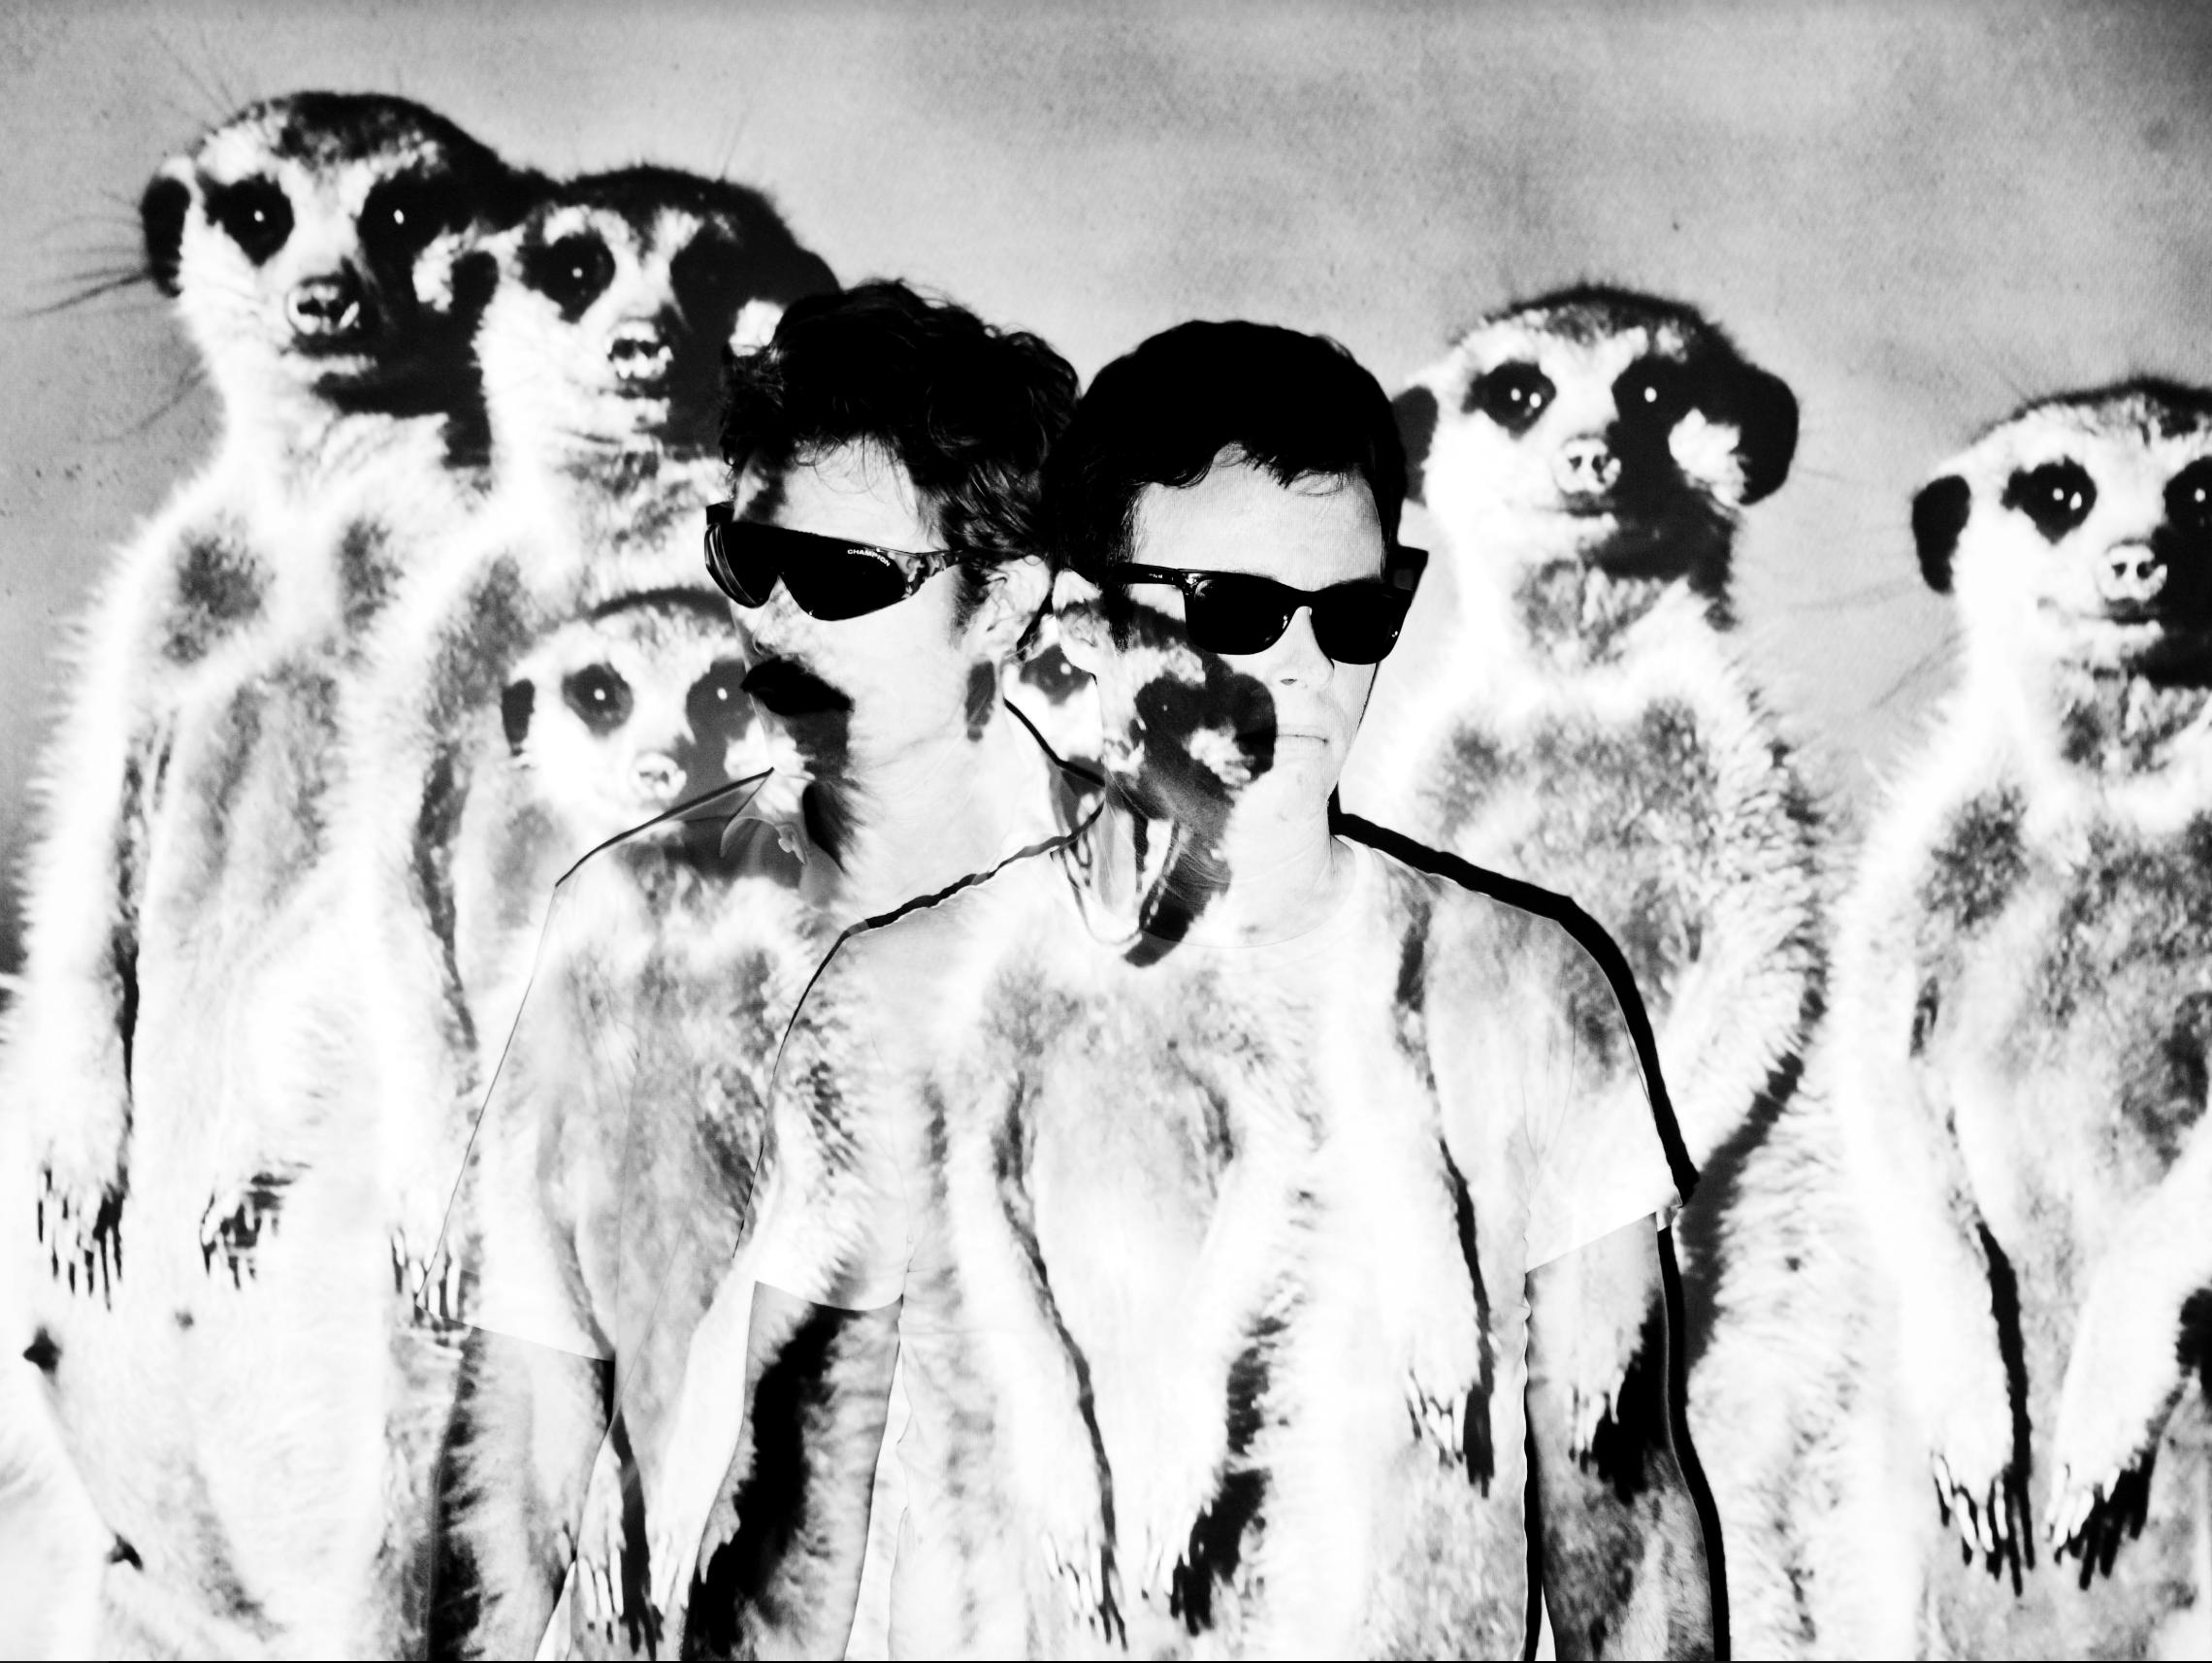 - @Meerkat.meerkat